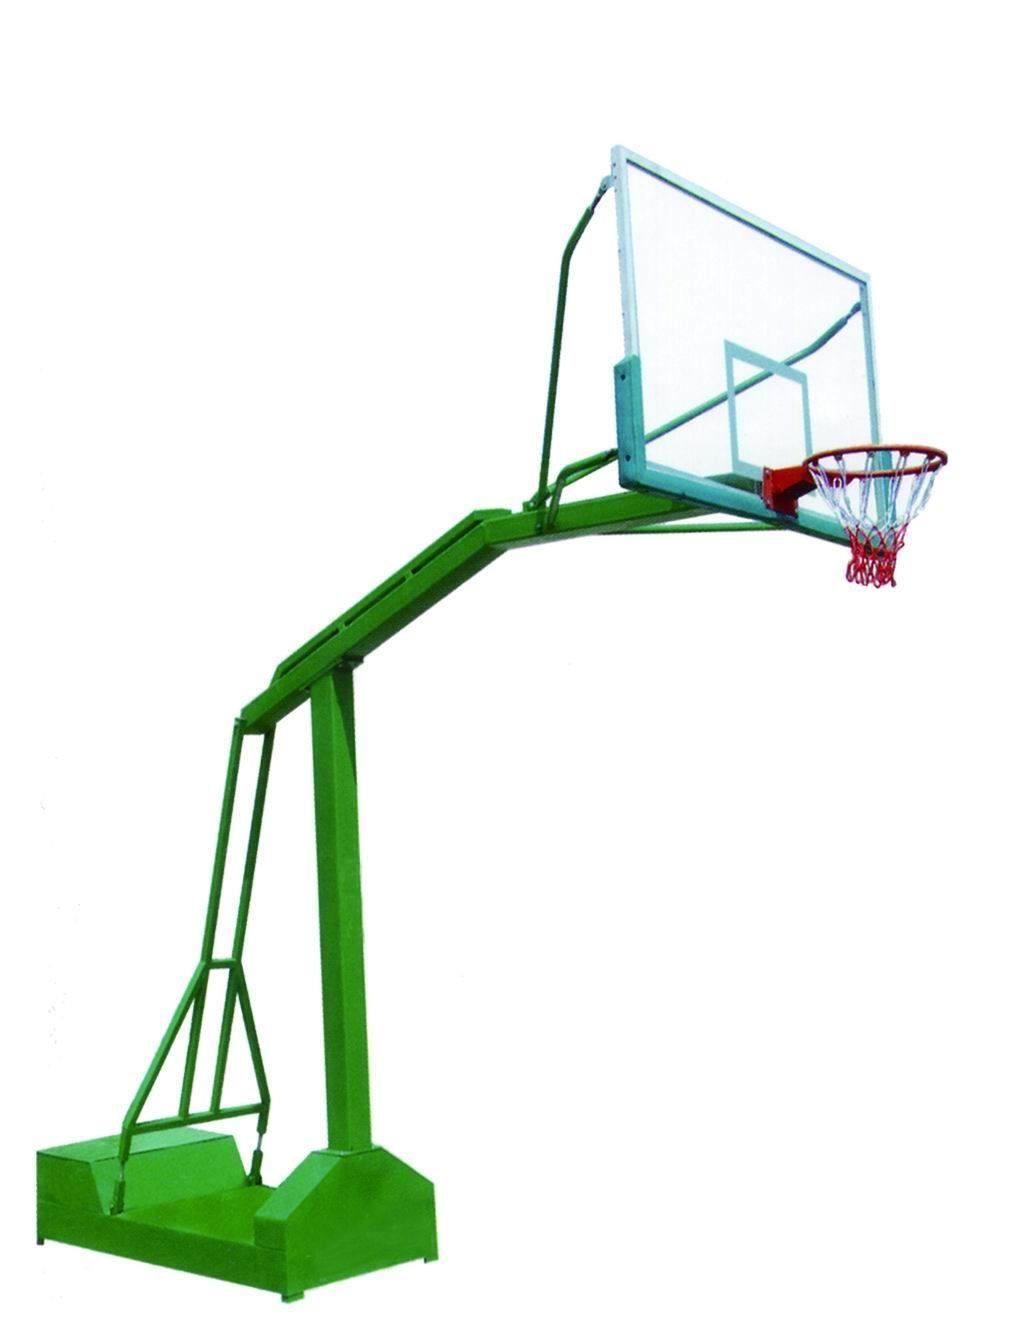 哈爾濱籃球架銷售-遼寧哪家籃球架供應商好